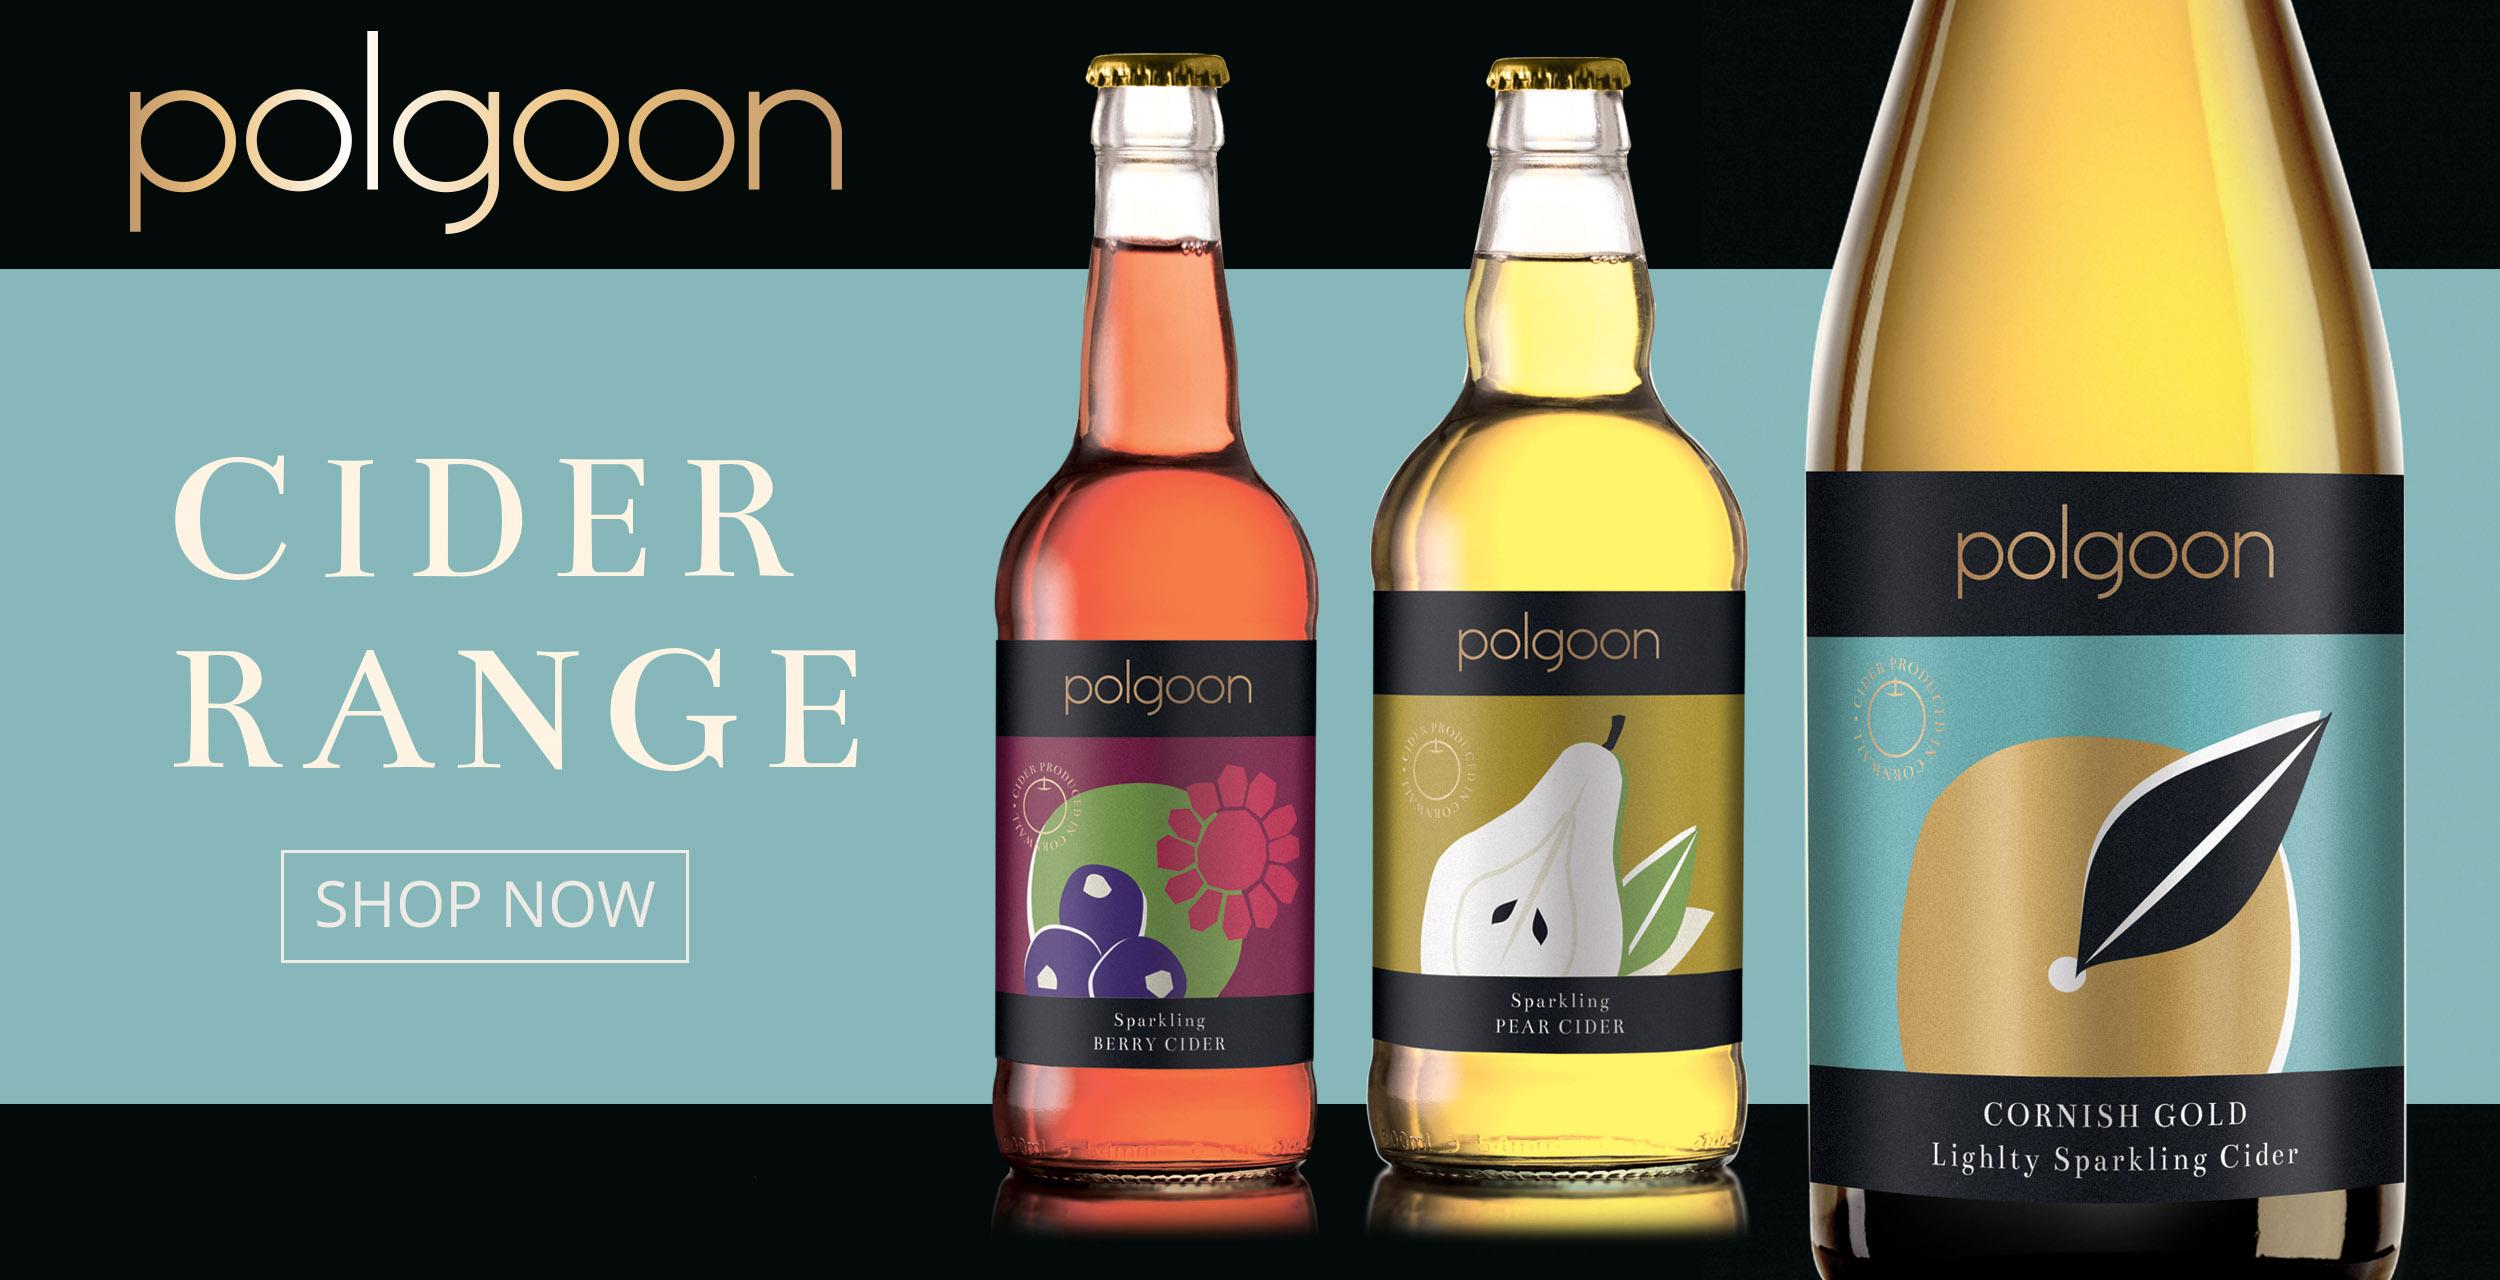 Cider Range